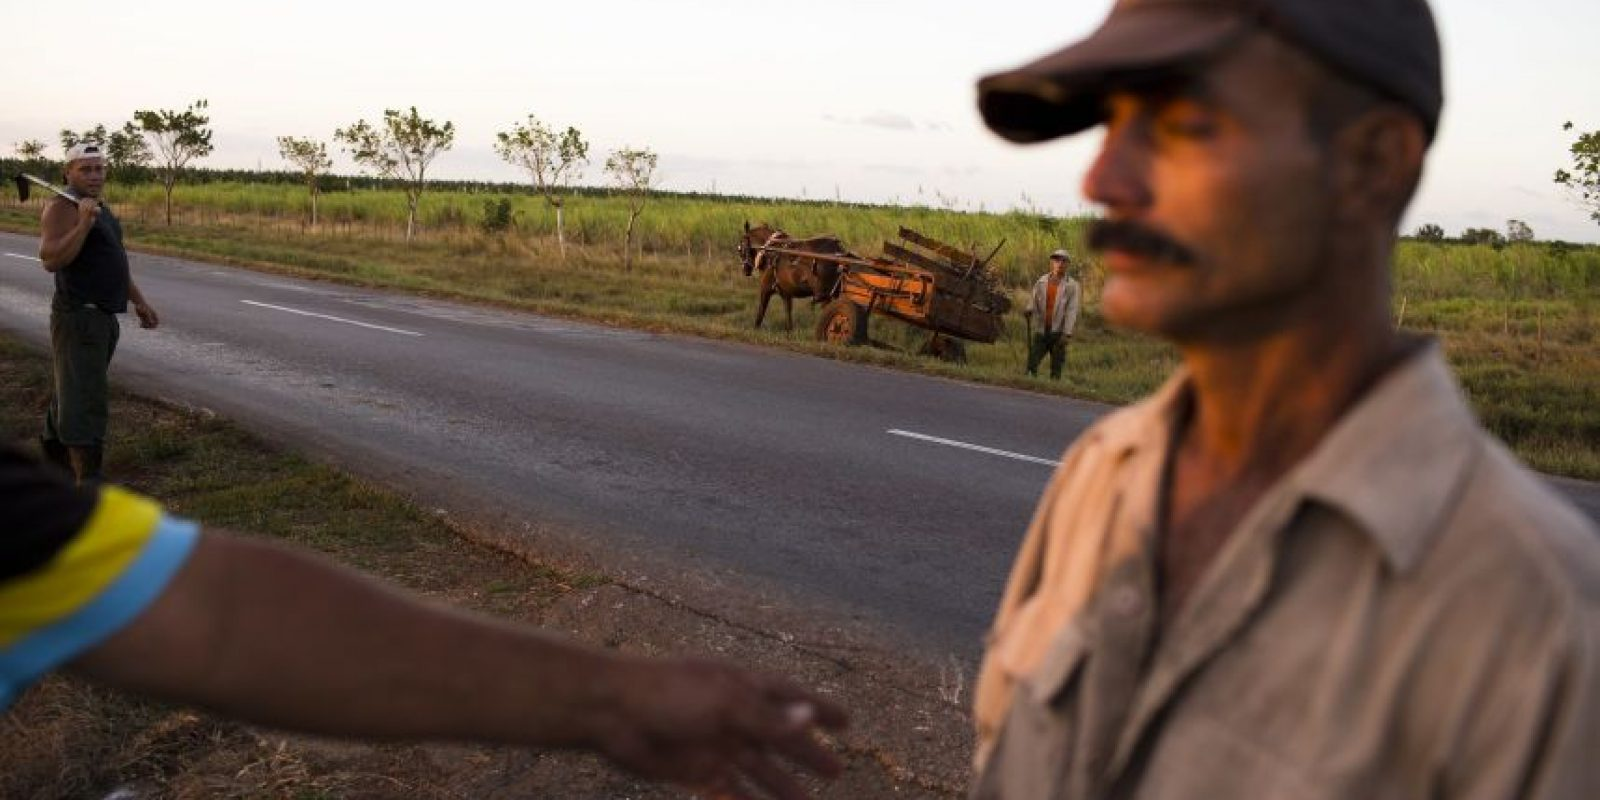 n esta foto del 29 de noviembre de 2016, trabajadores se reúnen luego de limpiar las orillas de un camino por el que pasarían la caravana con los restos del líder Fidel Castro en Santa Elena,en la provincia de Ciego de Ávila, Cuba. Foto:Rodrigo Abd / AP Foto